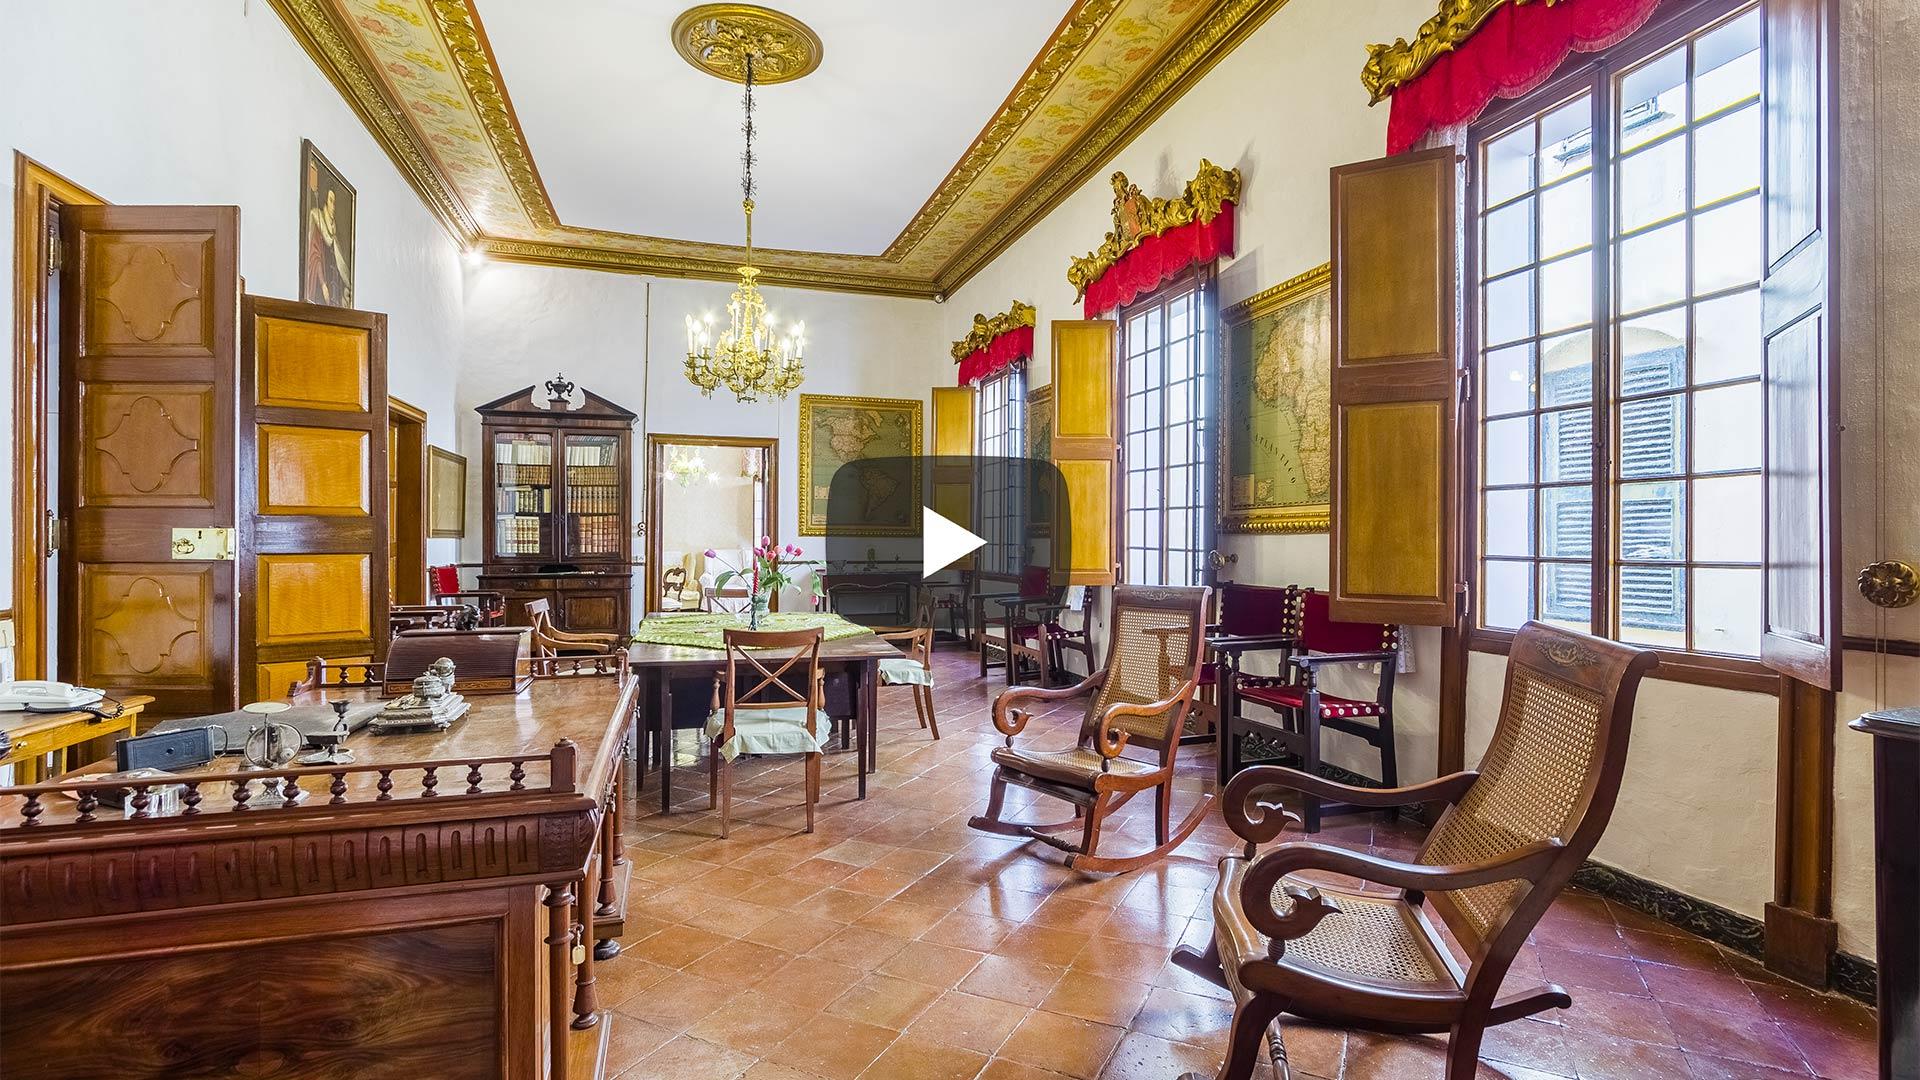 Impresionante palacete en venta en Ciutadella, Menorca